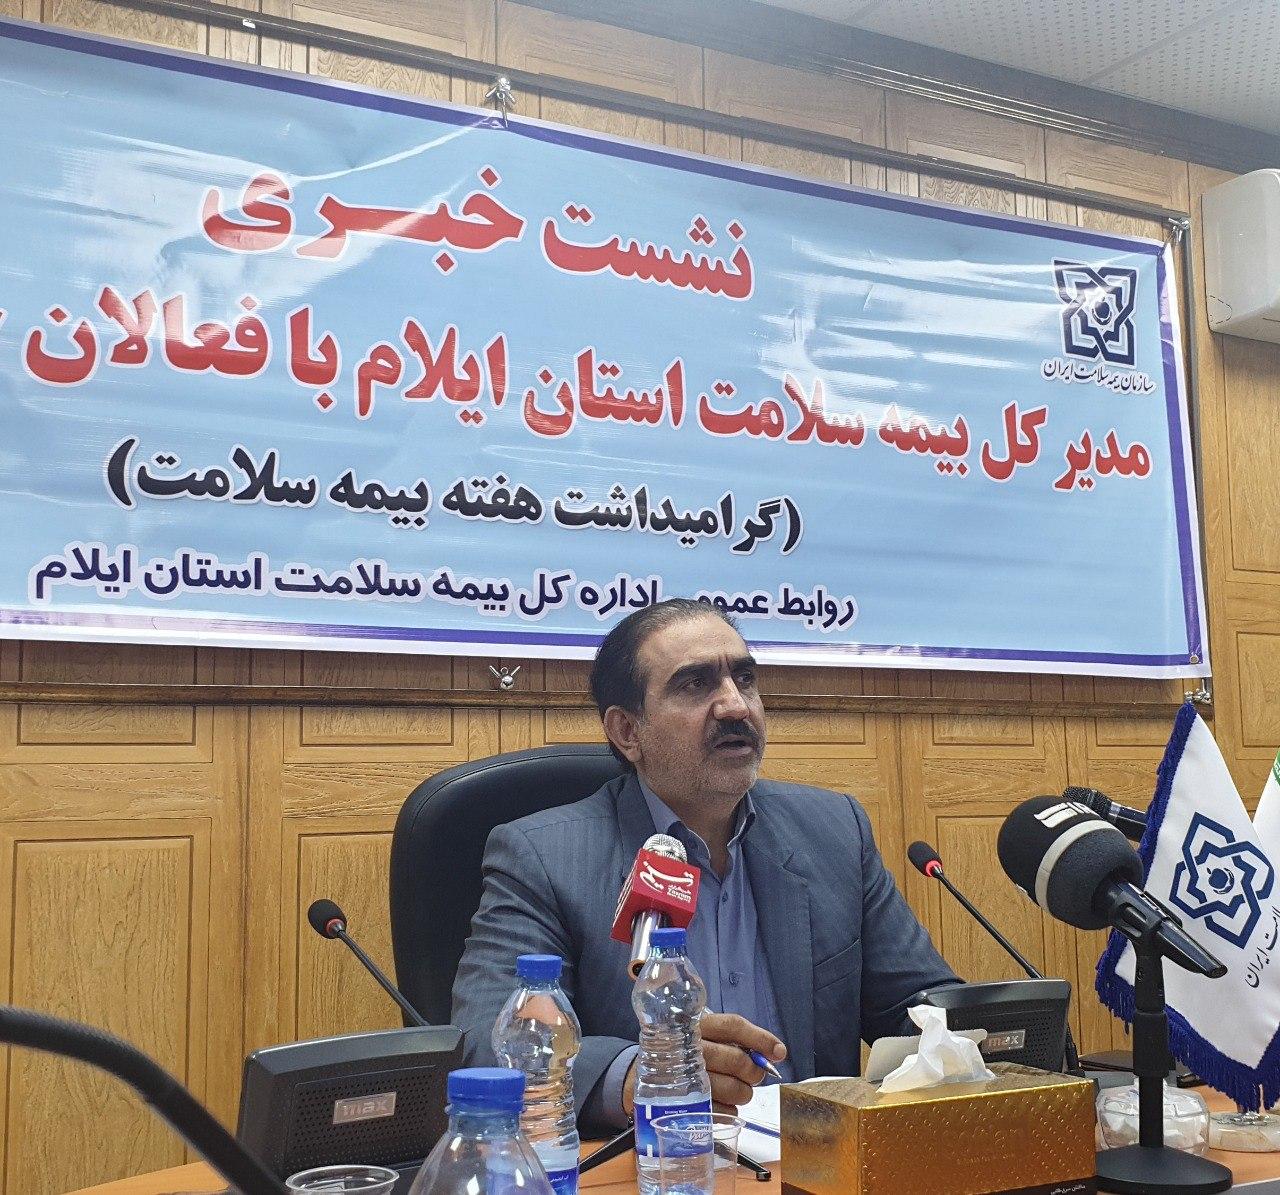 ۳۵۰ هزار نفر از جمعیت استان تحت پوشش بیمه سلامت هستند